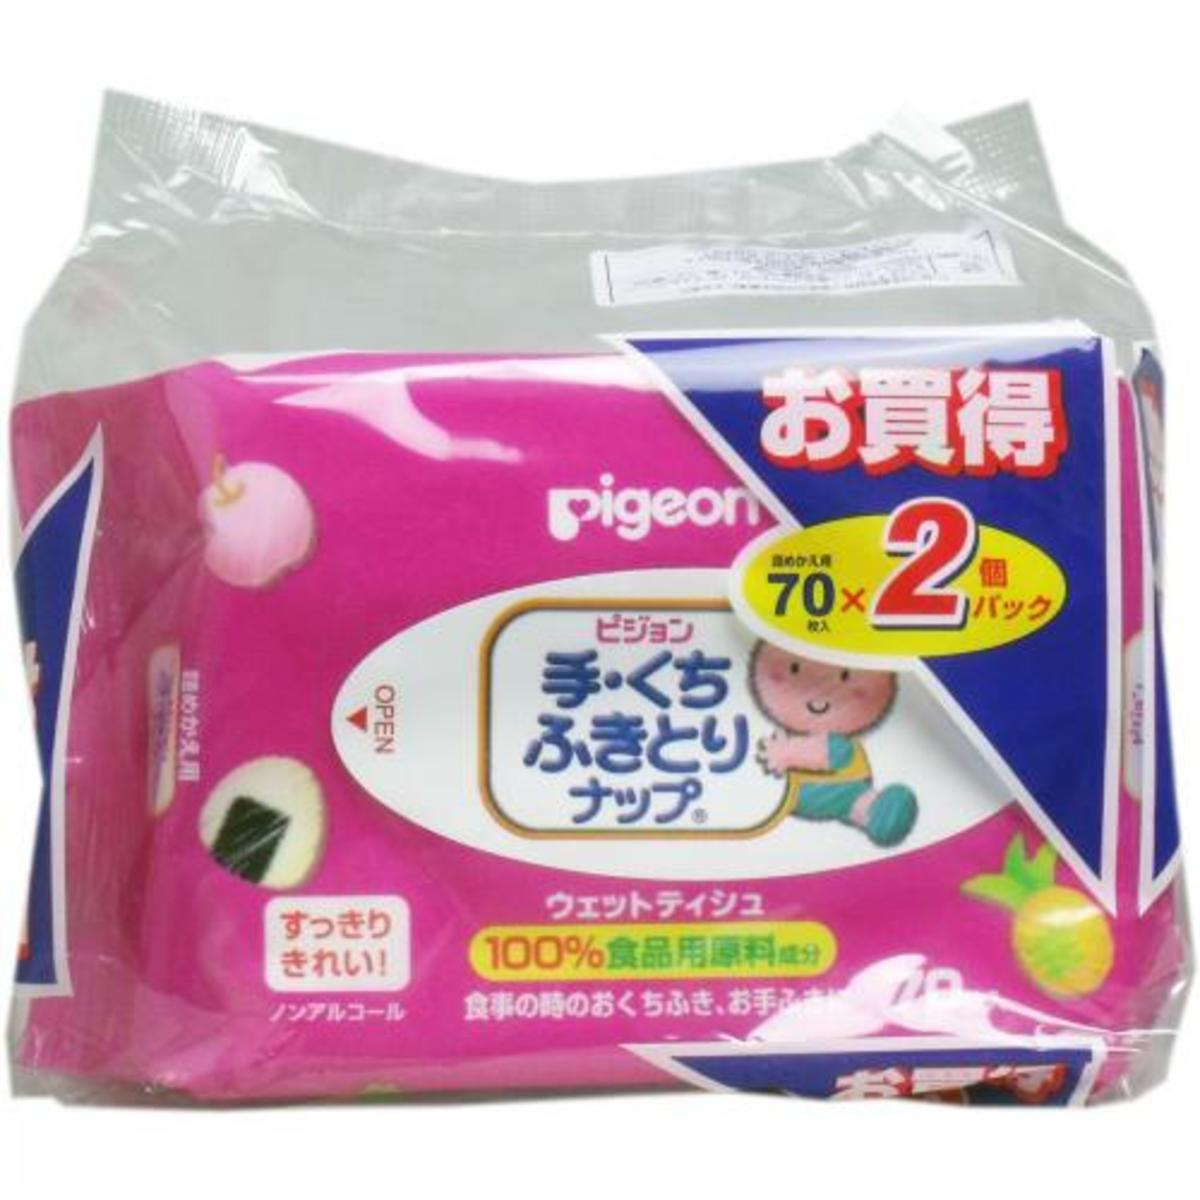 日本版 - Pigeon手口專用濕巾70抽 - 2包裝